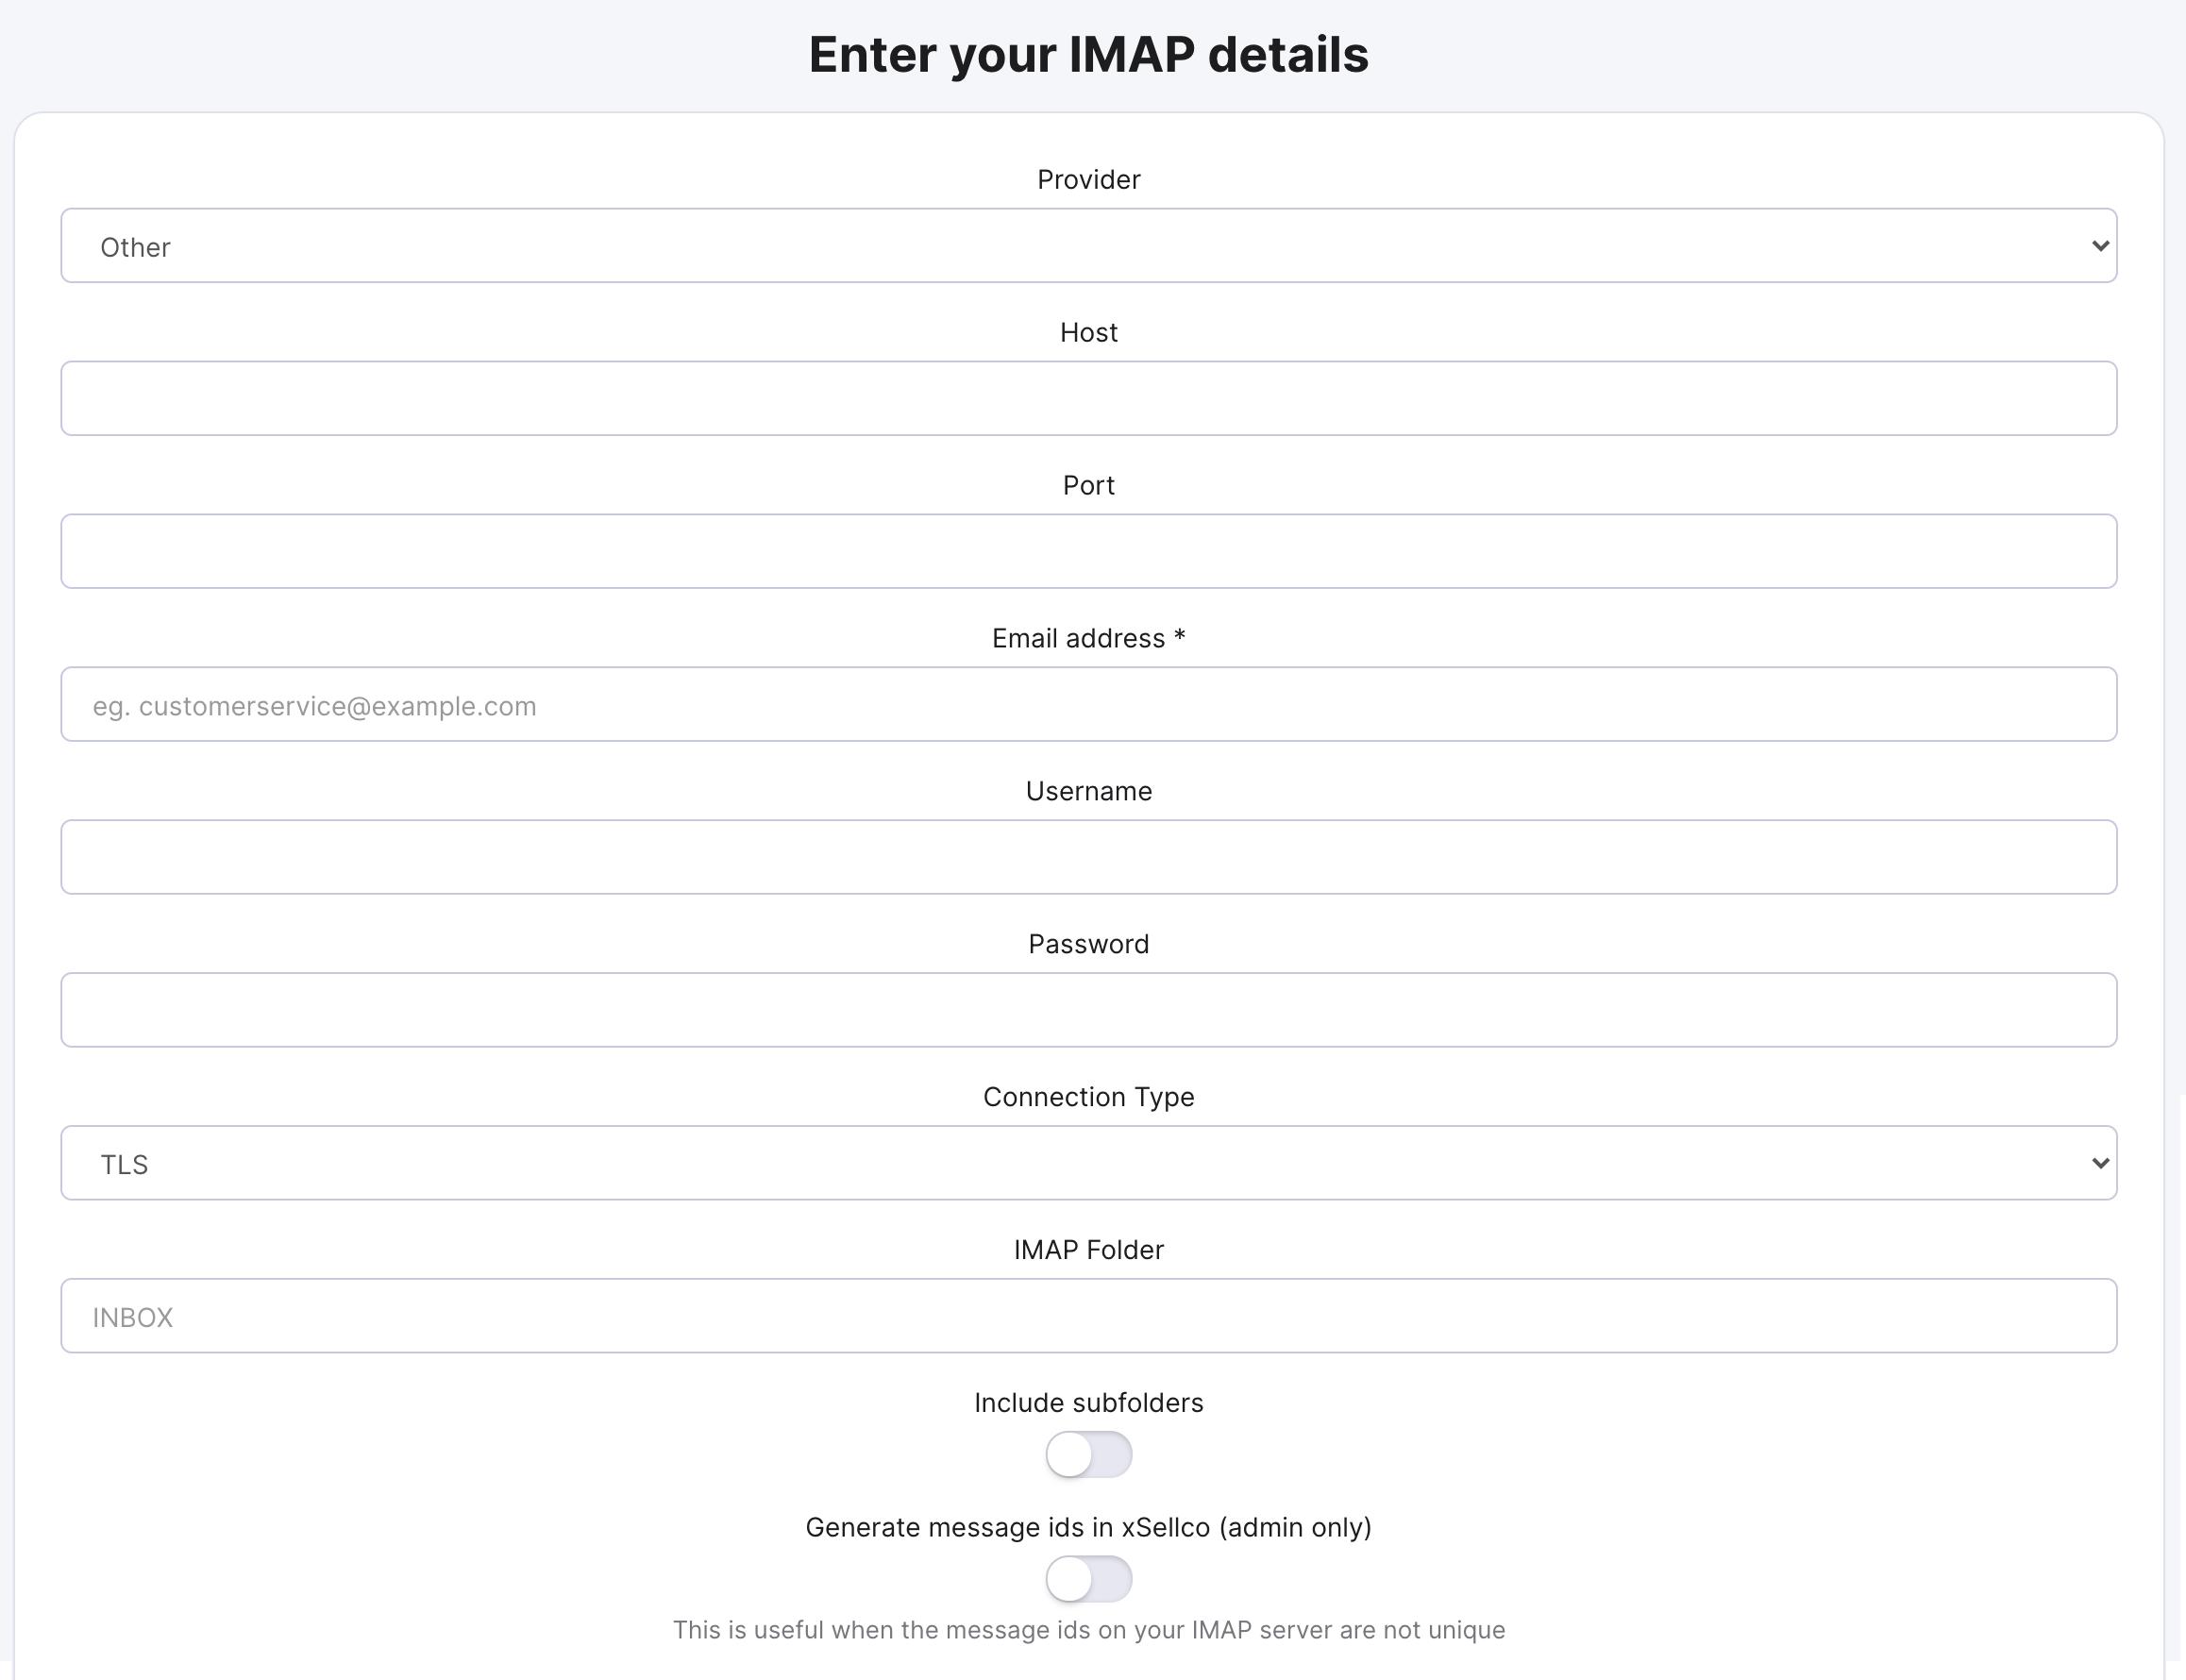 Enter your IMAP details form